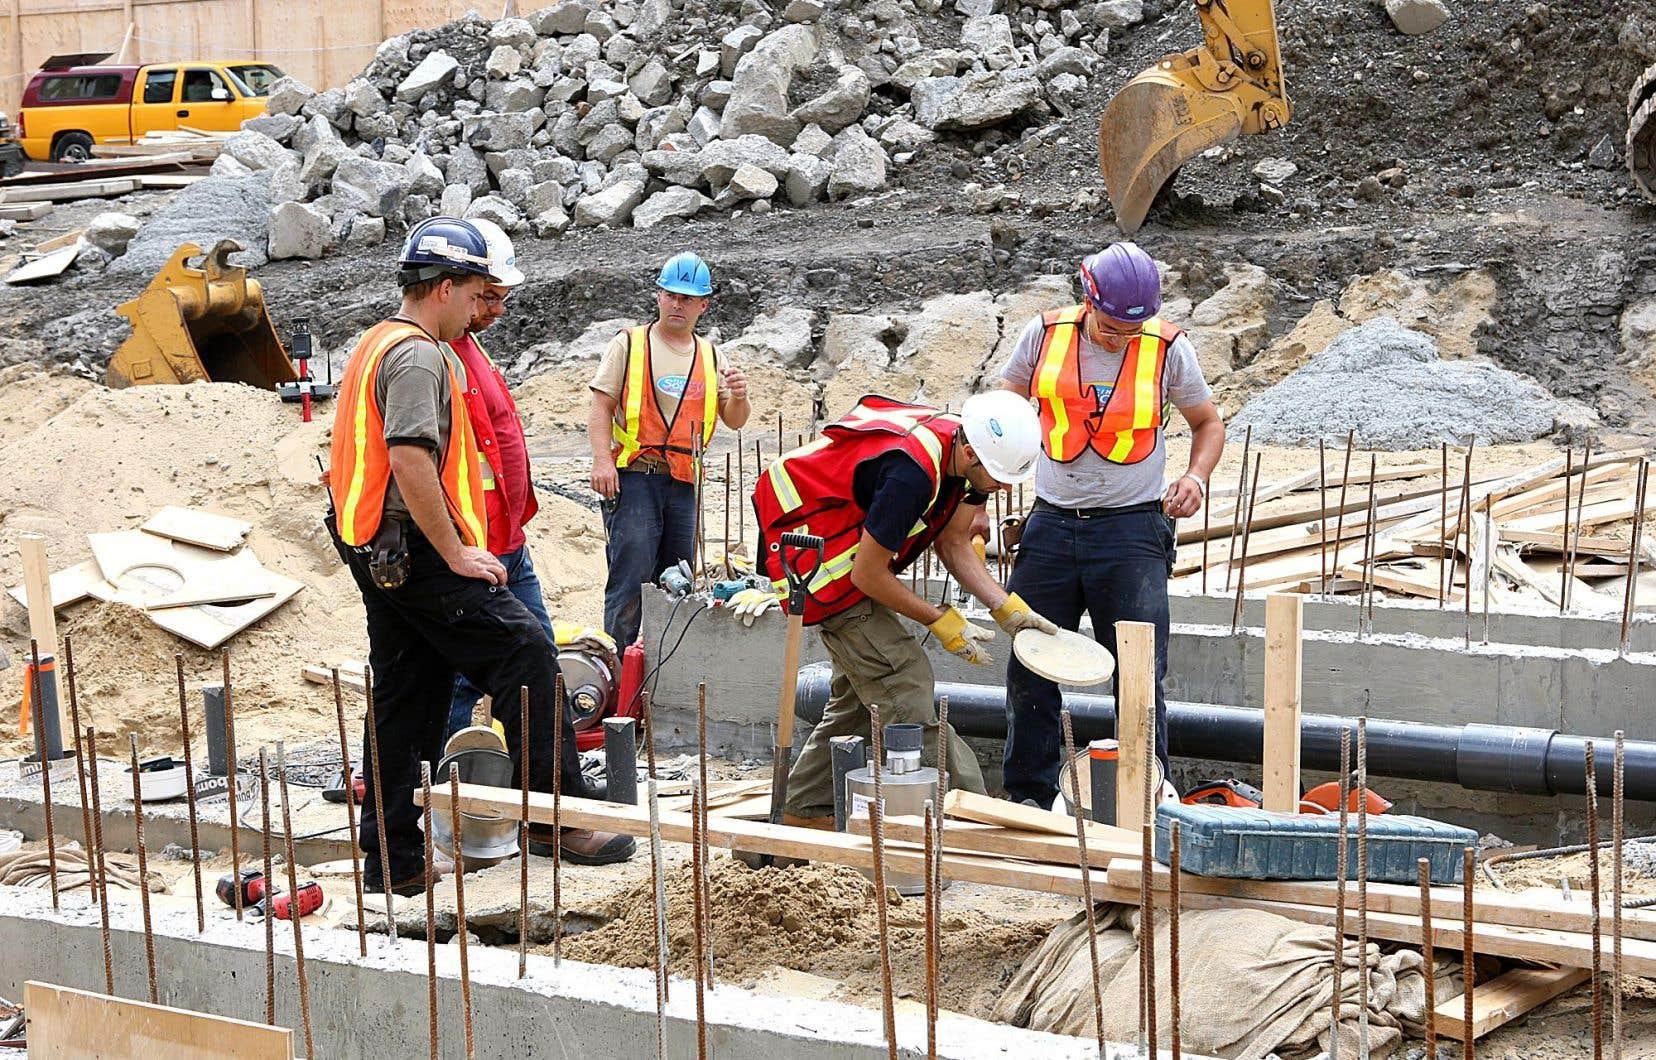 Le Conseil québécois de l'environnement s'interroge aussi sur la pertinence de plusieurs des 202 projets mis en avant, dont certains, comme les travaux de prolongement routier, auront sans doute des effets non souhaitables sur l'aménagement du territoire.